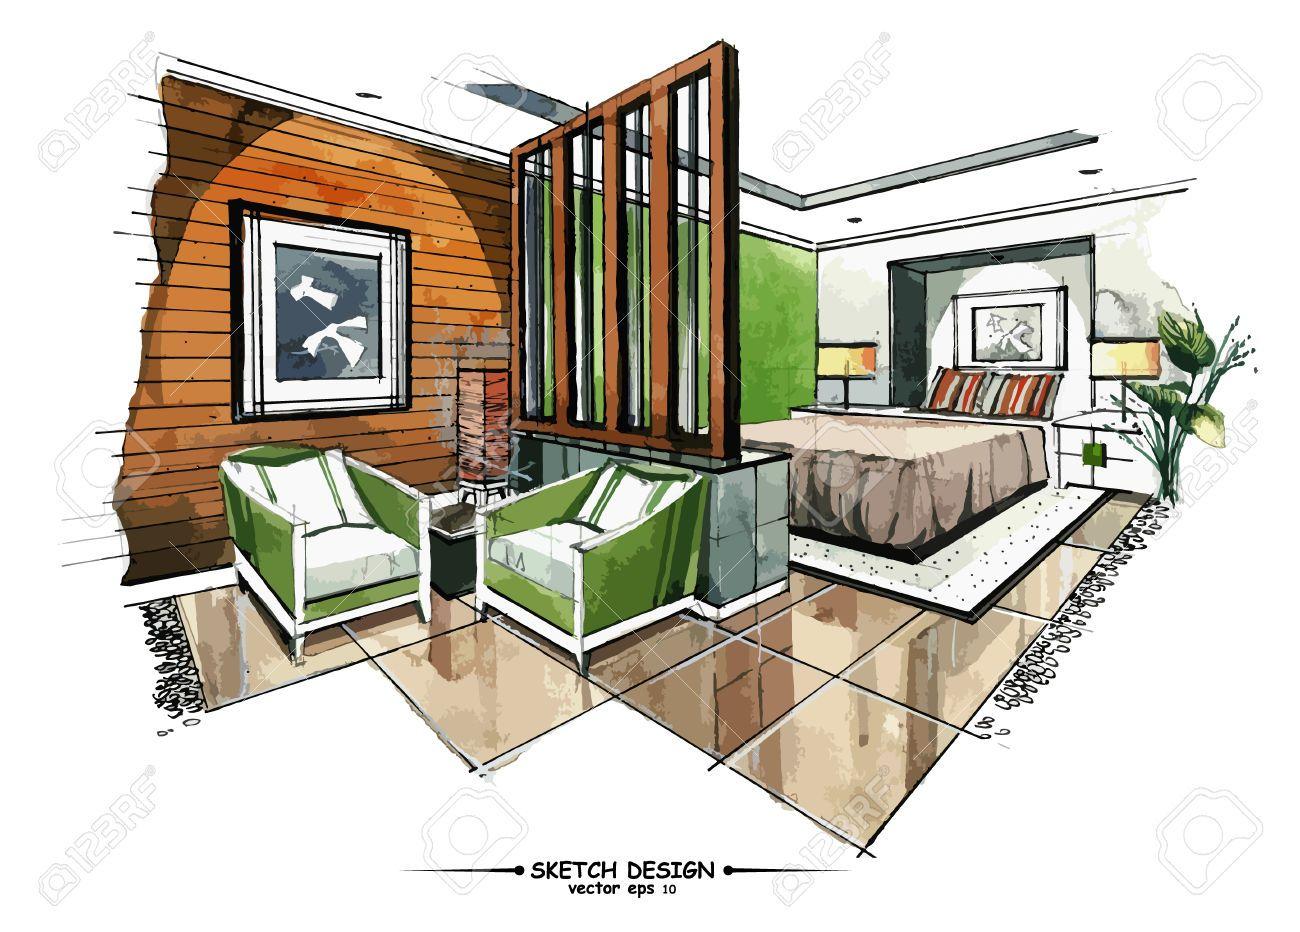 resultado de imagen para interior design floor plan sketches